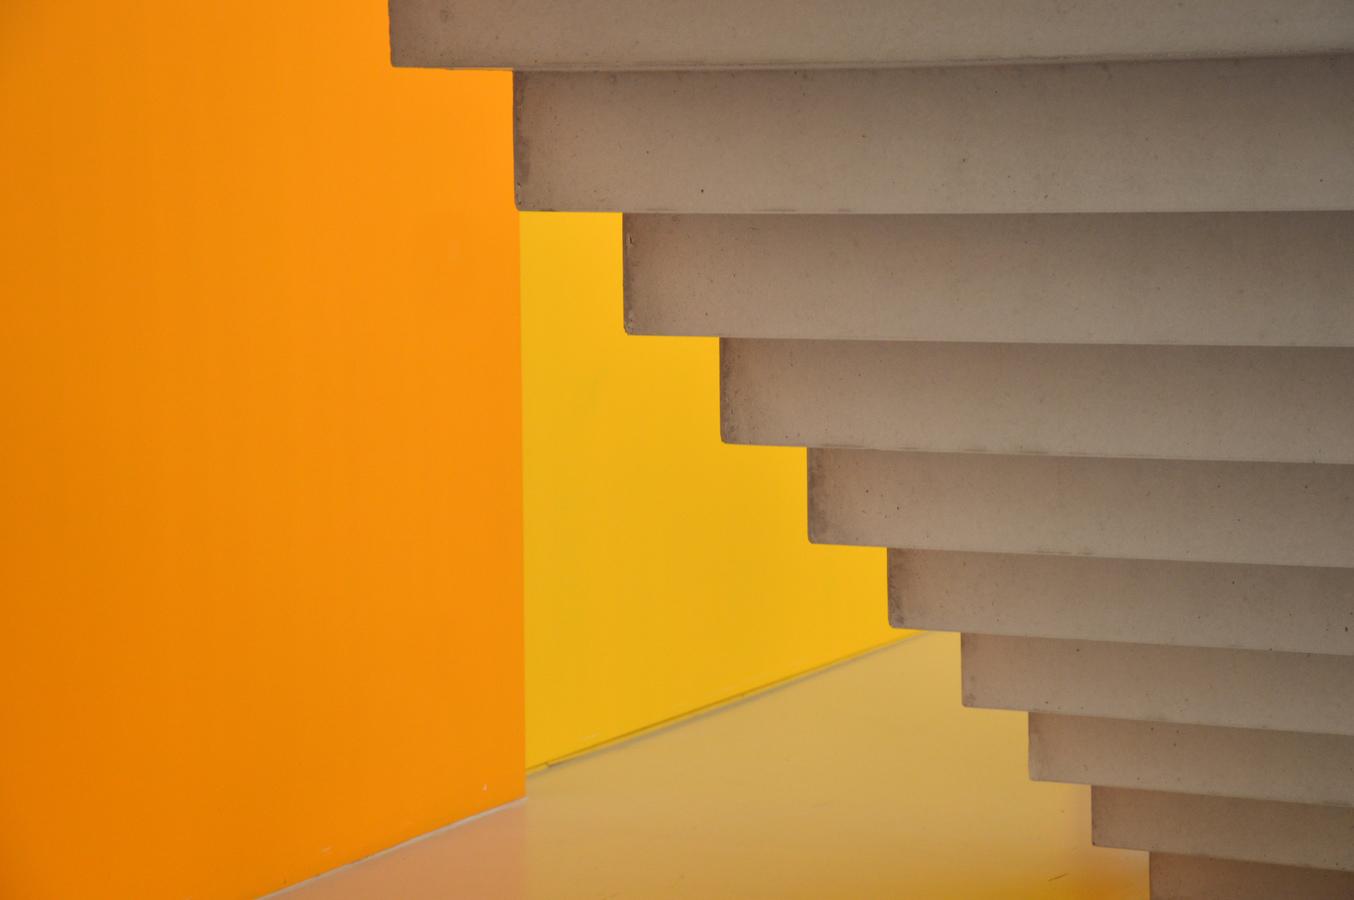 Geometrie moderní architektury